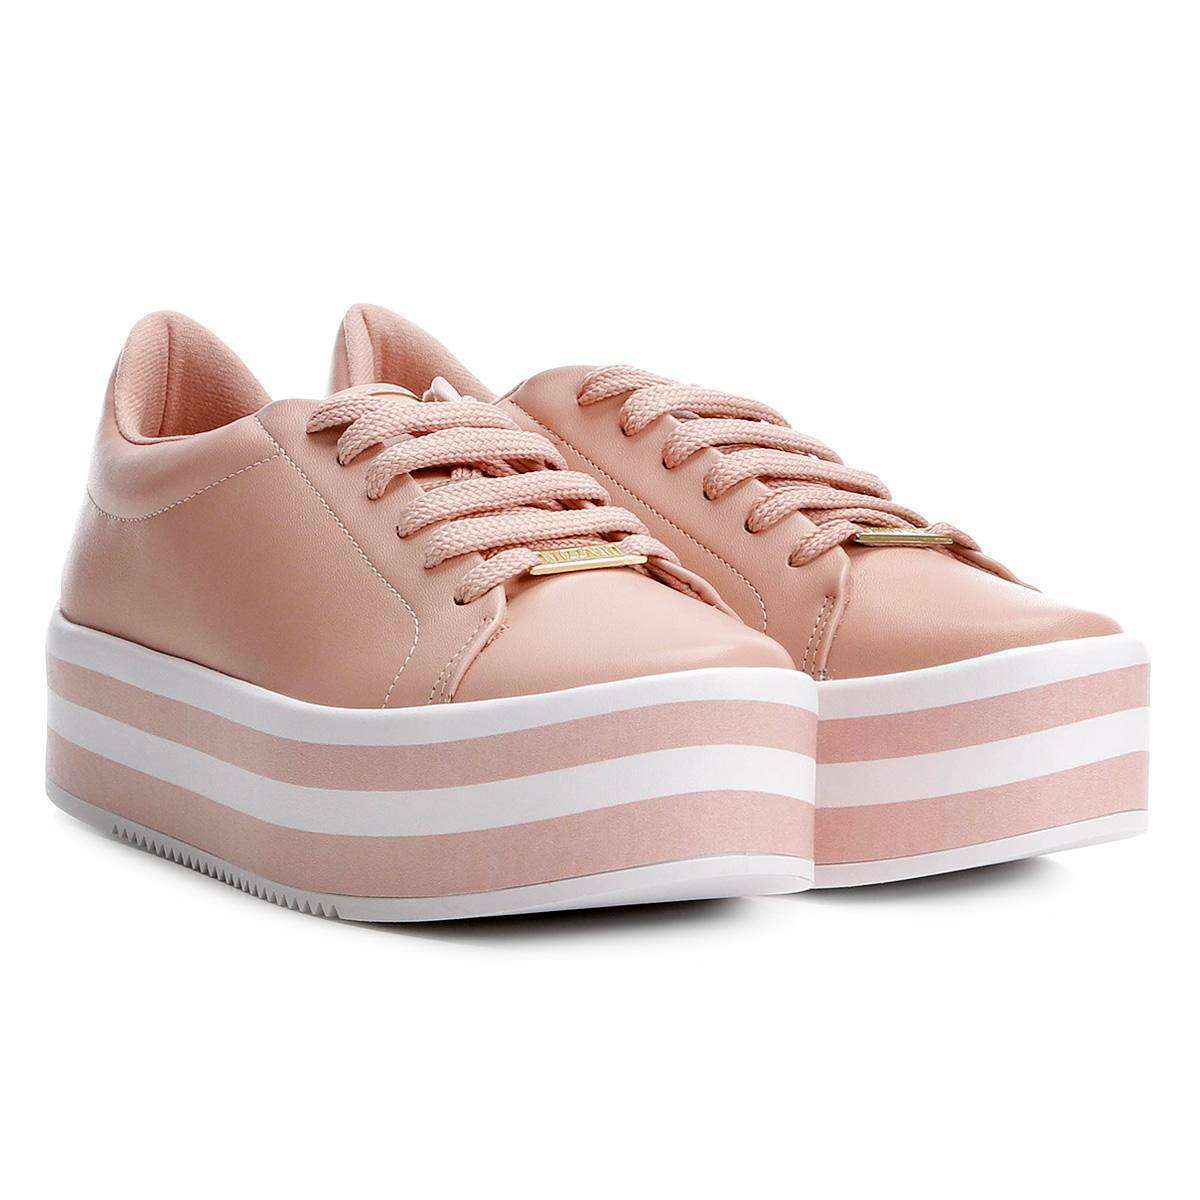 f5ab811c5 tênis vizzano plataforma listrado feminino rosa - 1298.100. Carregando zoom.